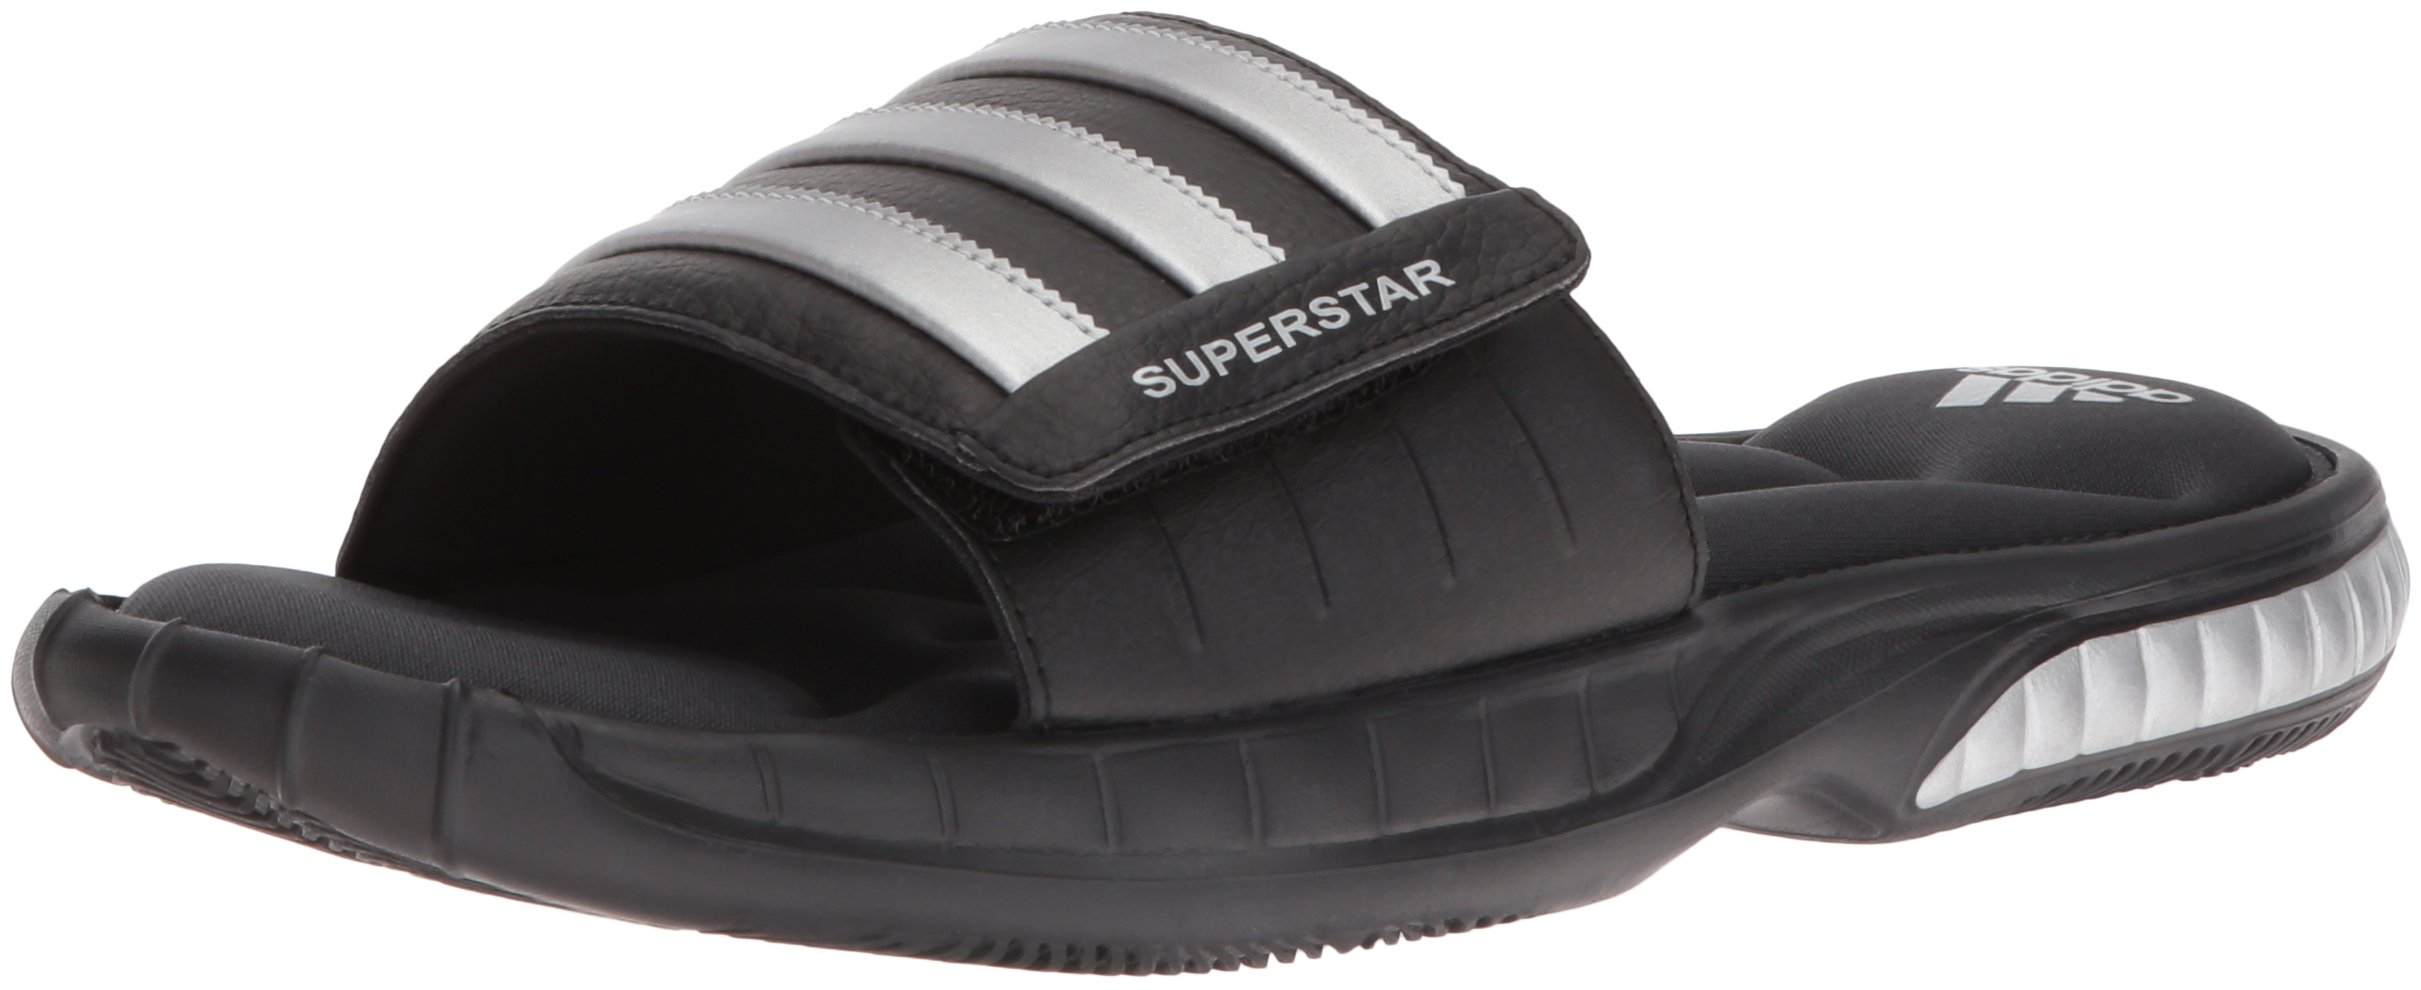 adidas Men's Superstar 3G Slide Sandal,Black/Silver/Grey,11 M US